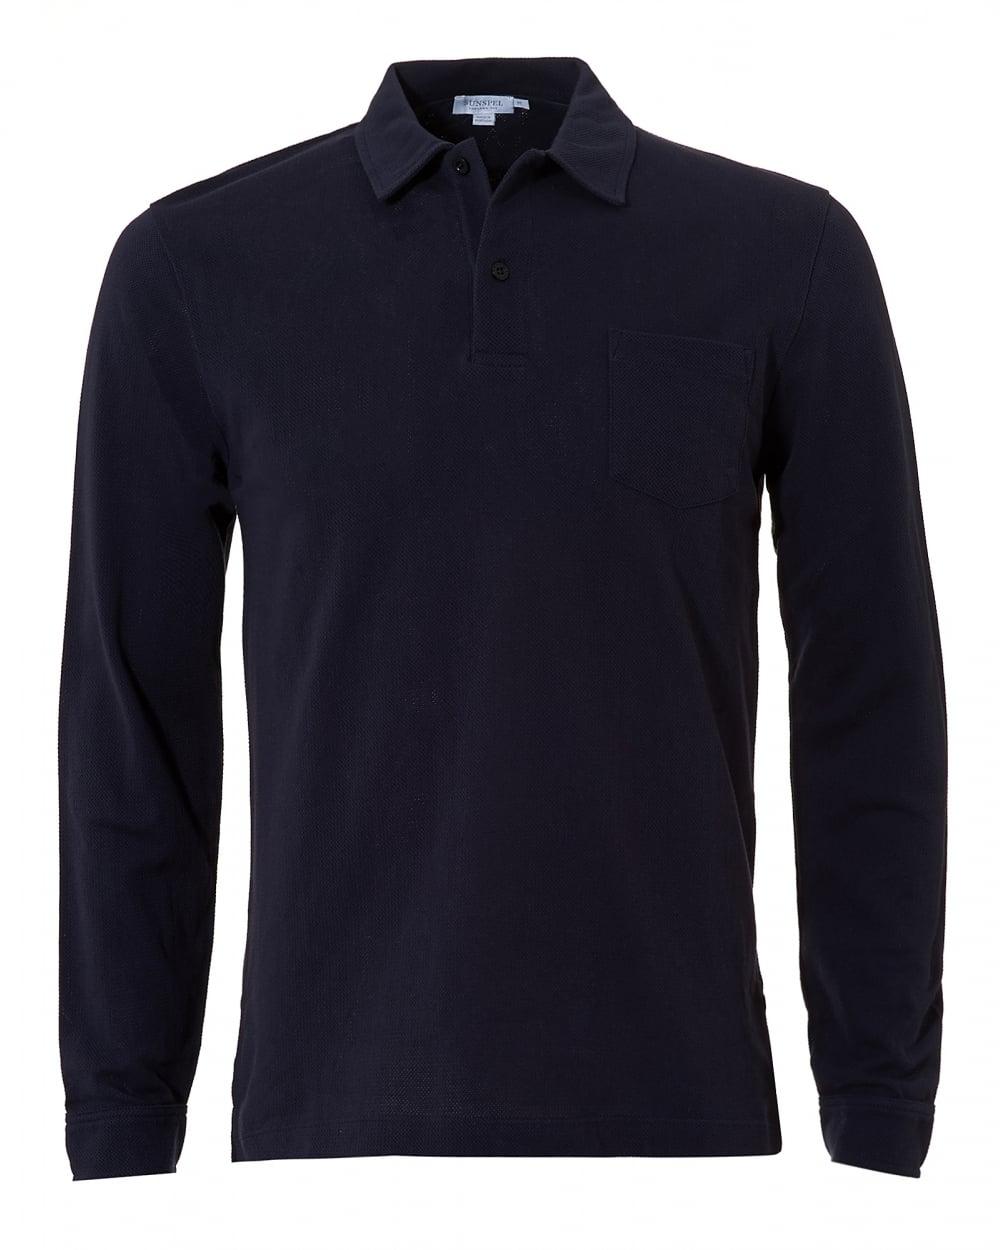 Sunspel mens riviera polo shirt chest pocket navy polo for Men s polo shirts with chest pocket